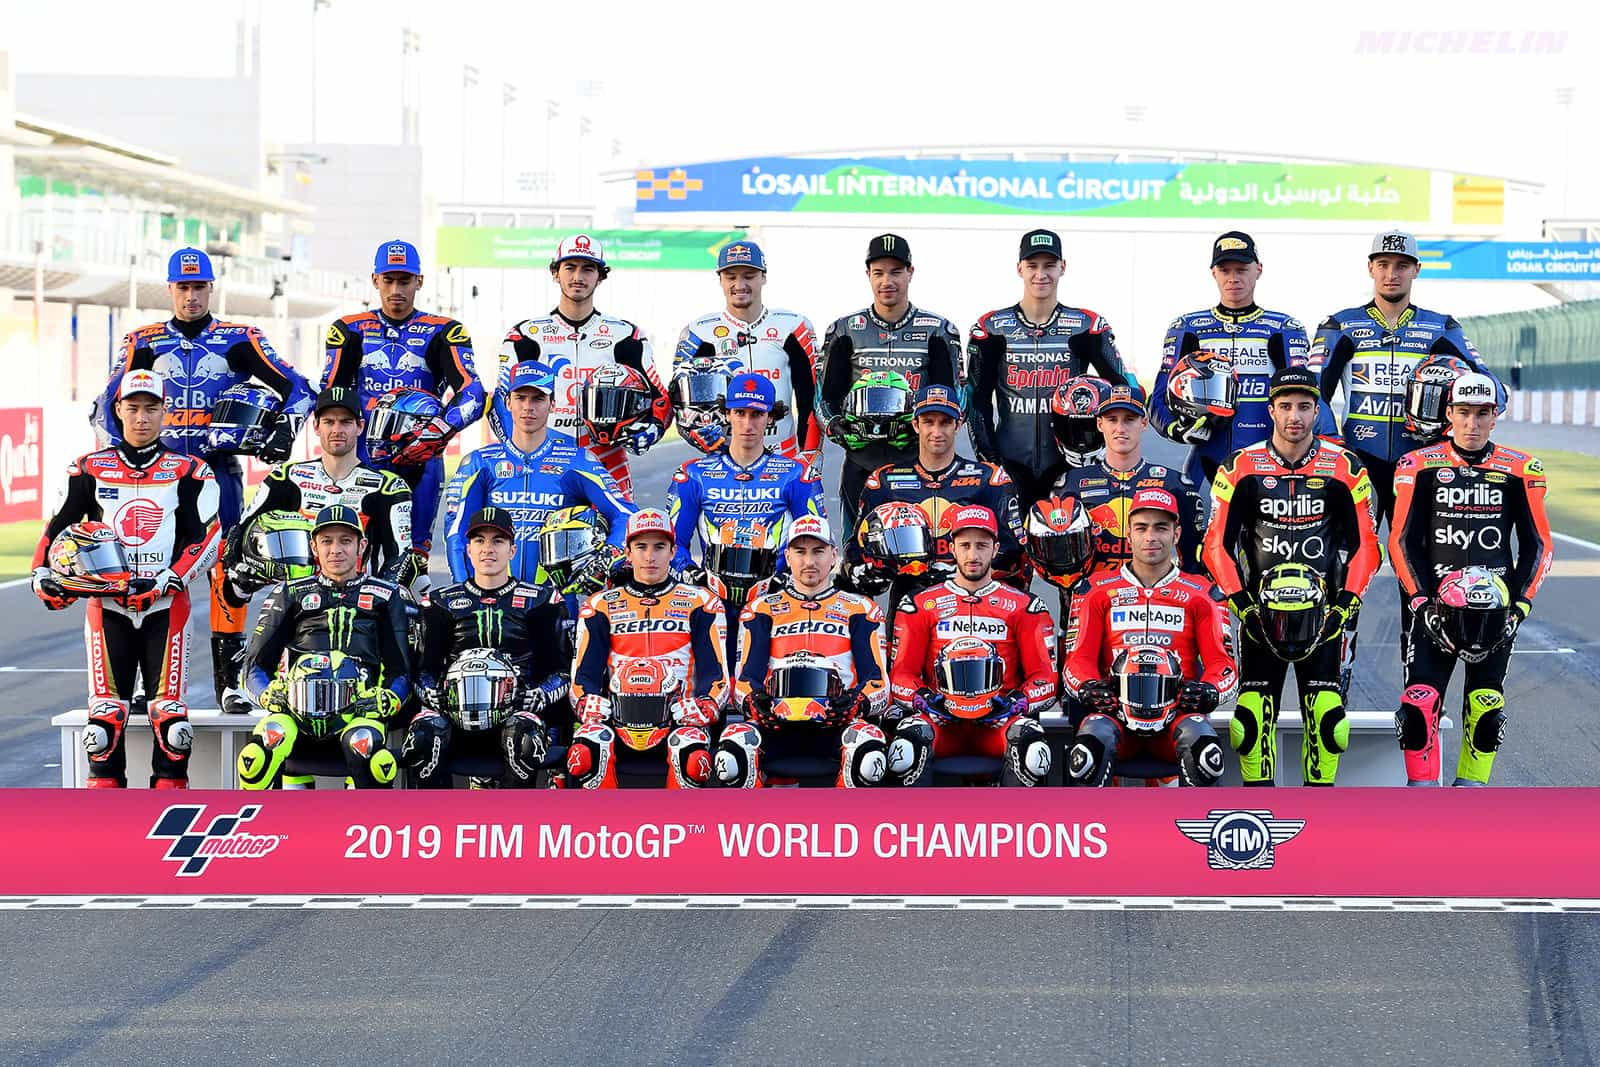 写真で振り返るMotoGP2019年シーズン カタールGP